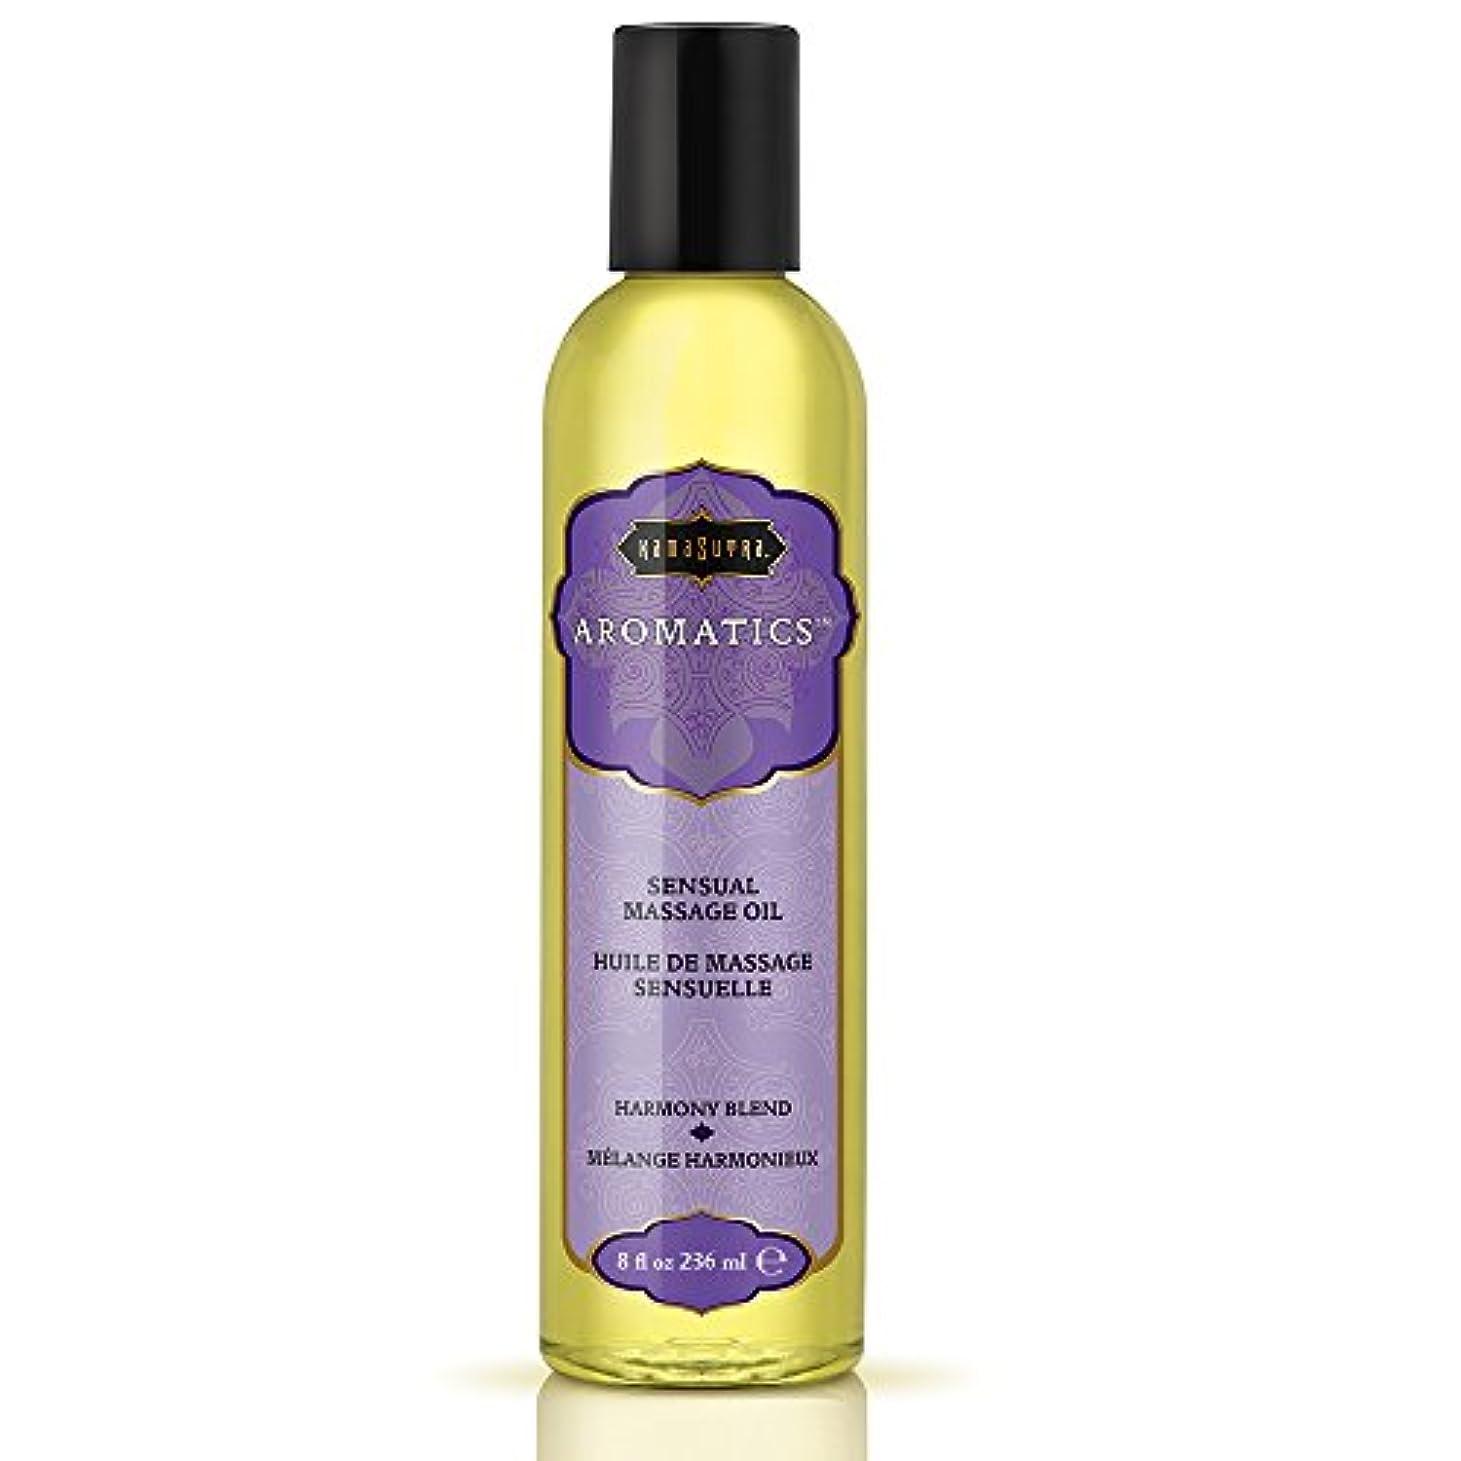 穀物バンド遷移Aromatic Massage Oil Harmony Blend 8oz by Kama Sutra